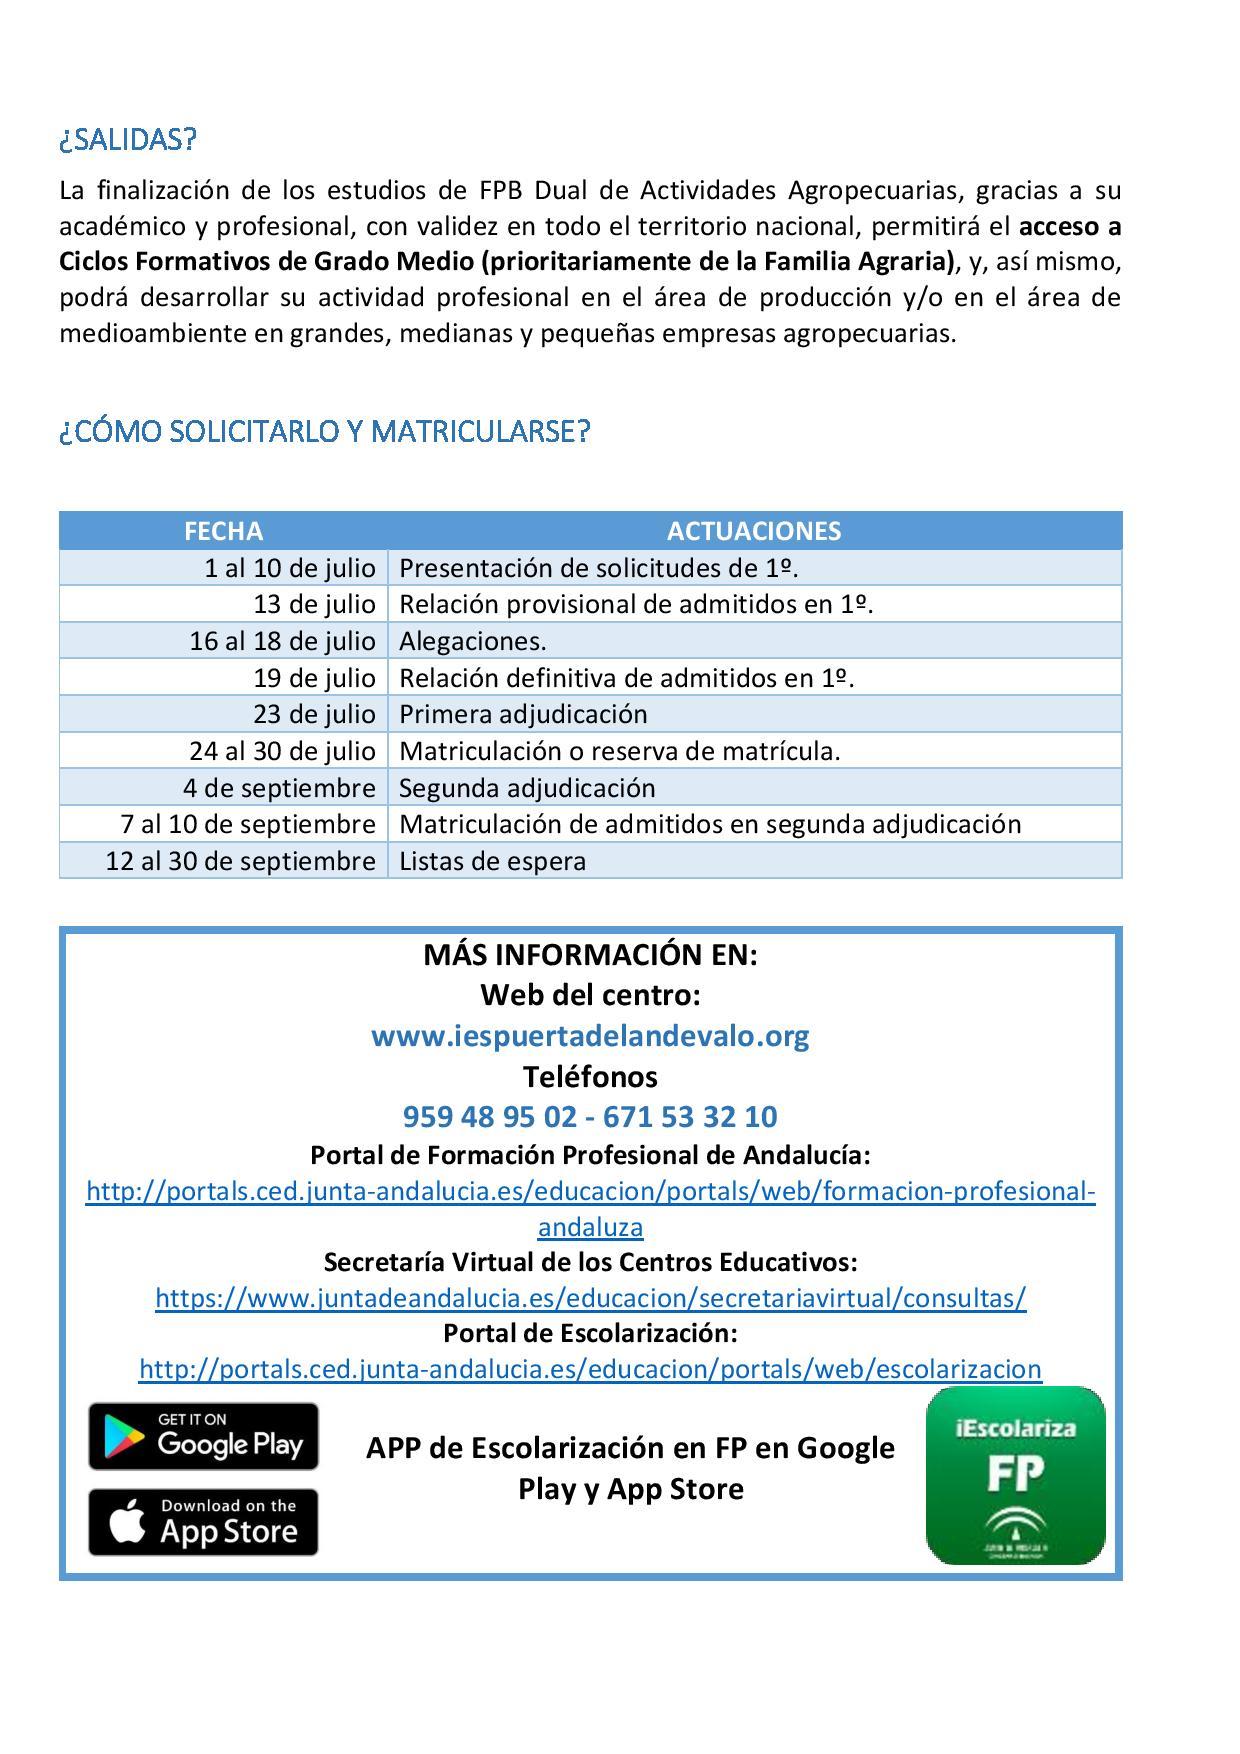 Sitio Web De Ies Puerta Del Andévalo